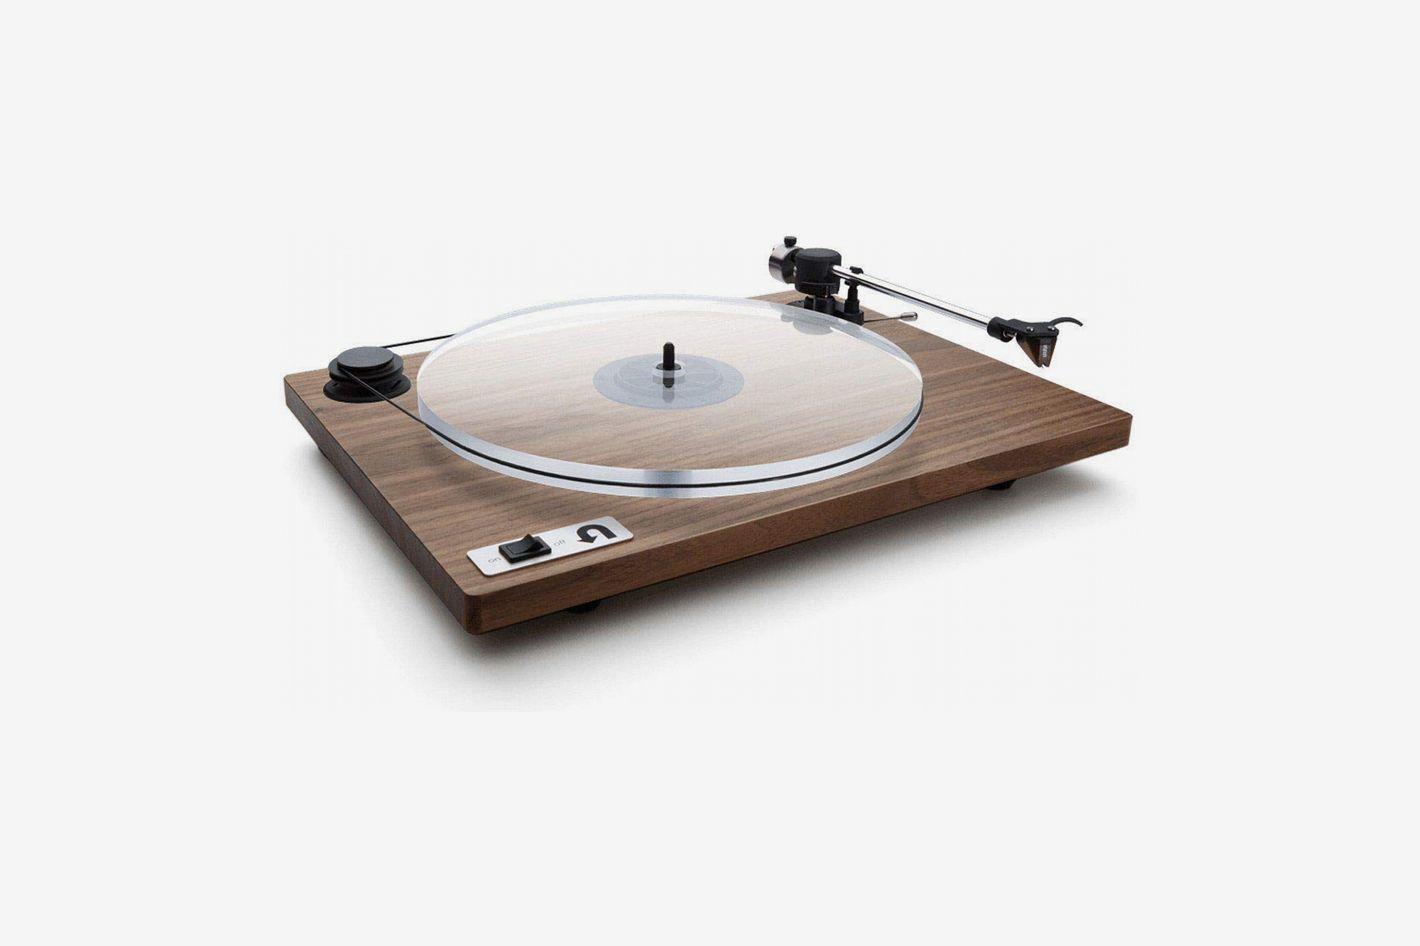 U-Turn Audio Orbit Special Turntable